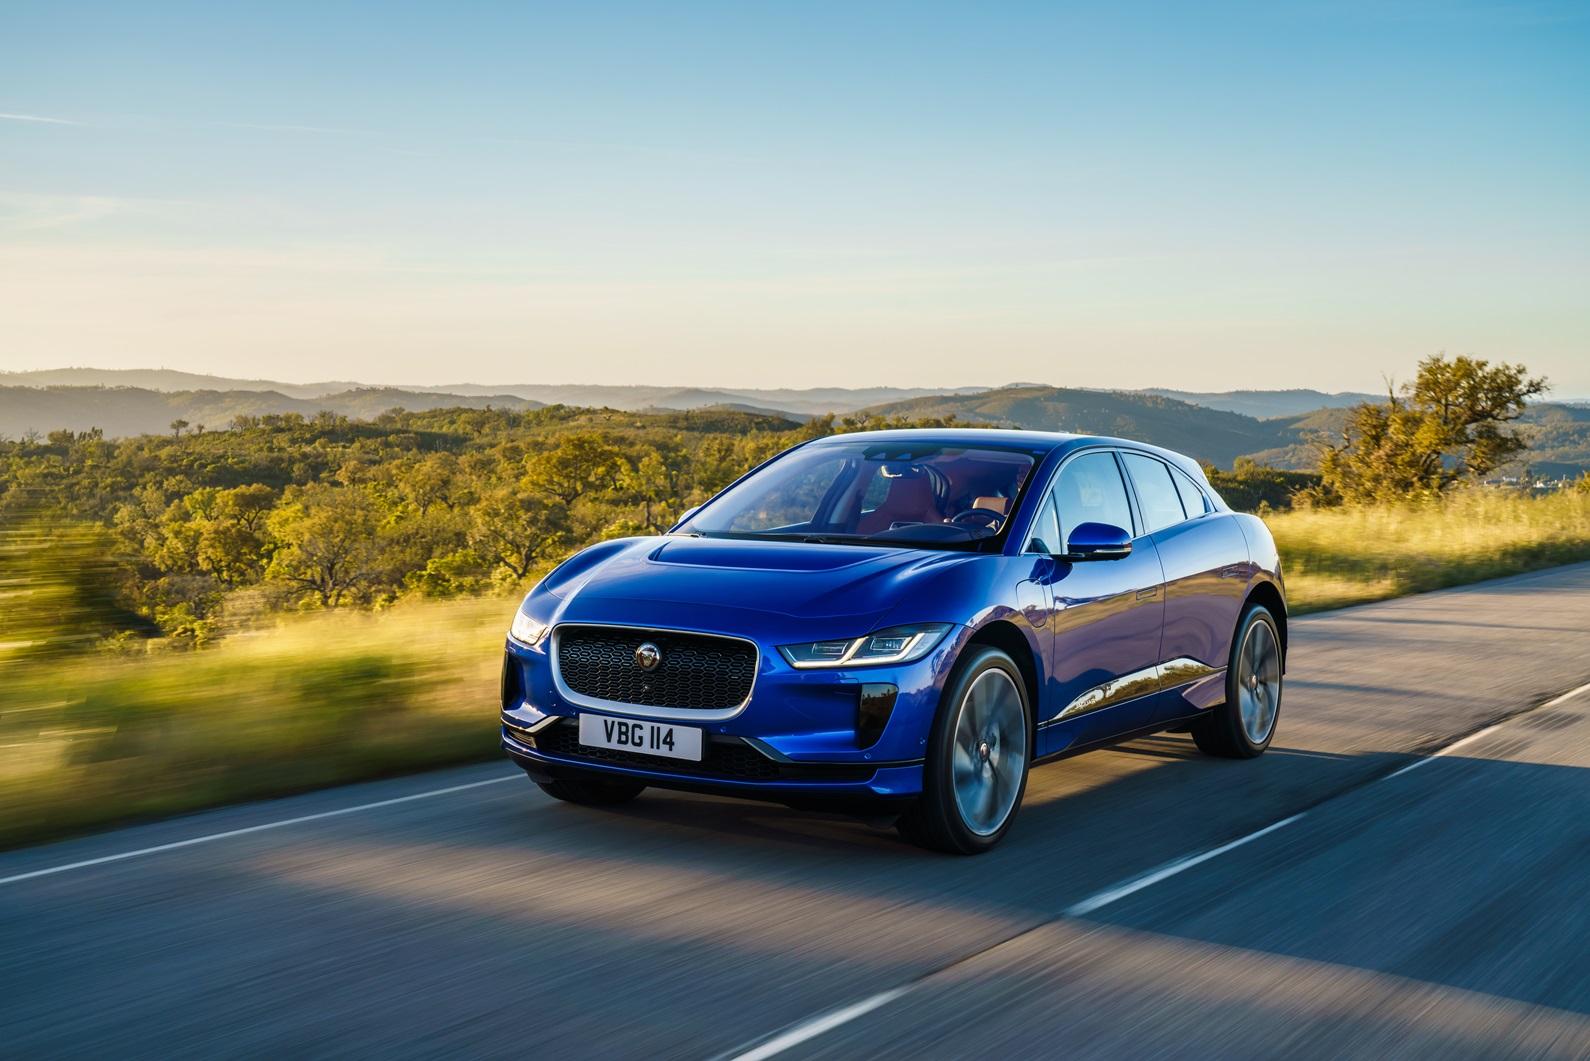 Jaguar Land Rover e BASF, la plastica riciclata caratterizzerà il vero lusso